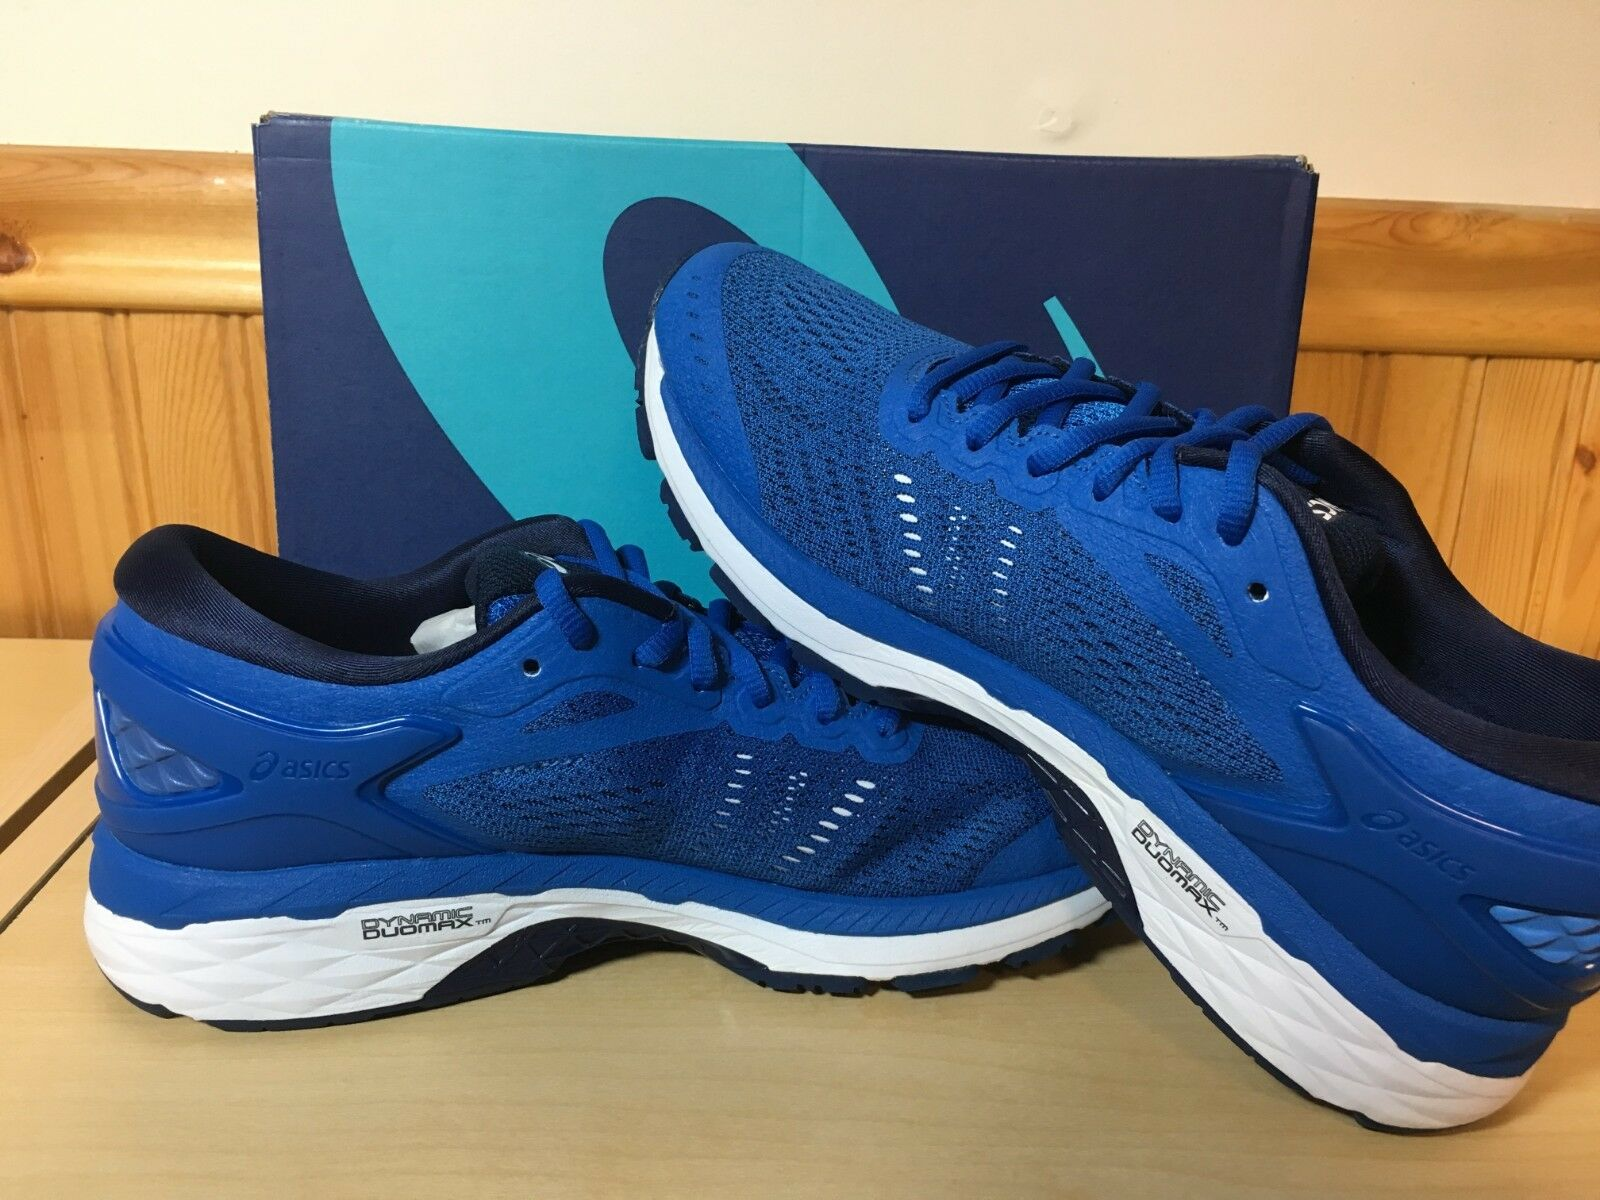 Men's Asics Gel Kayano 24 Victoria bluee Indigo Indigo Indigo bluee White Running shoes Size 6 02e11a